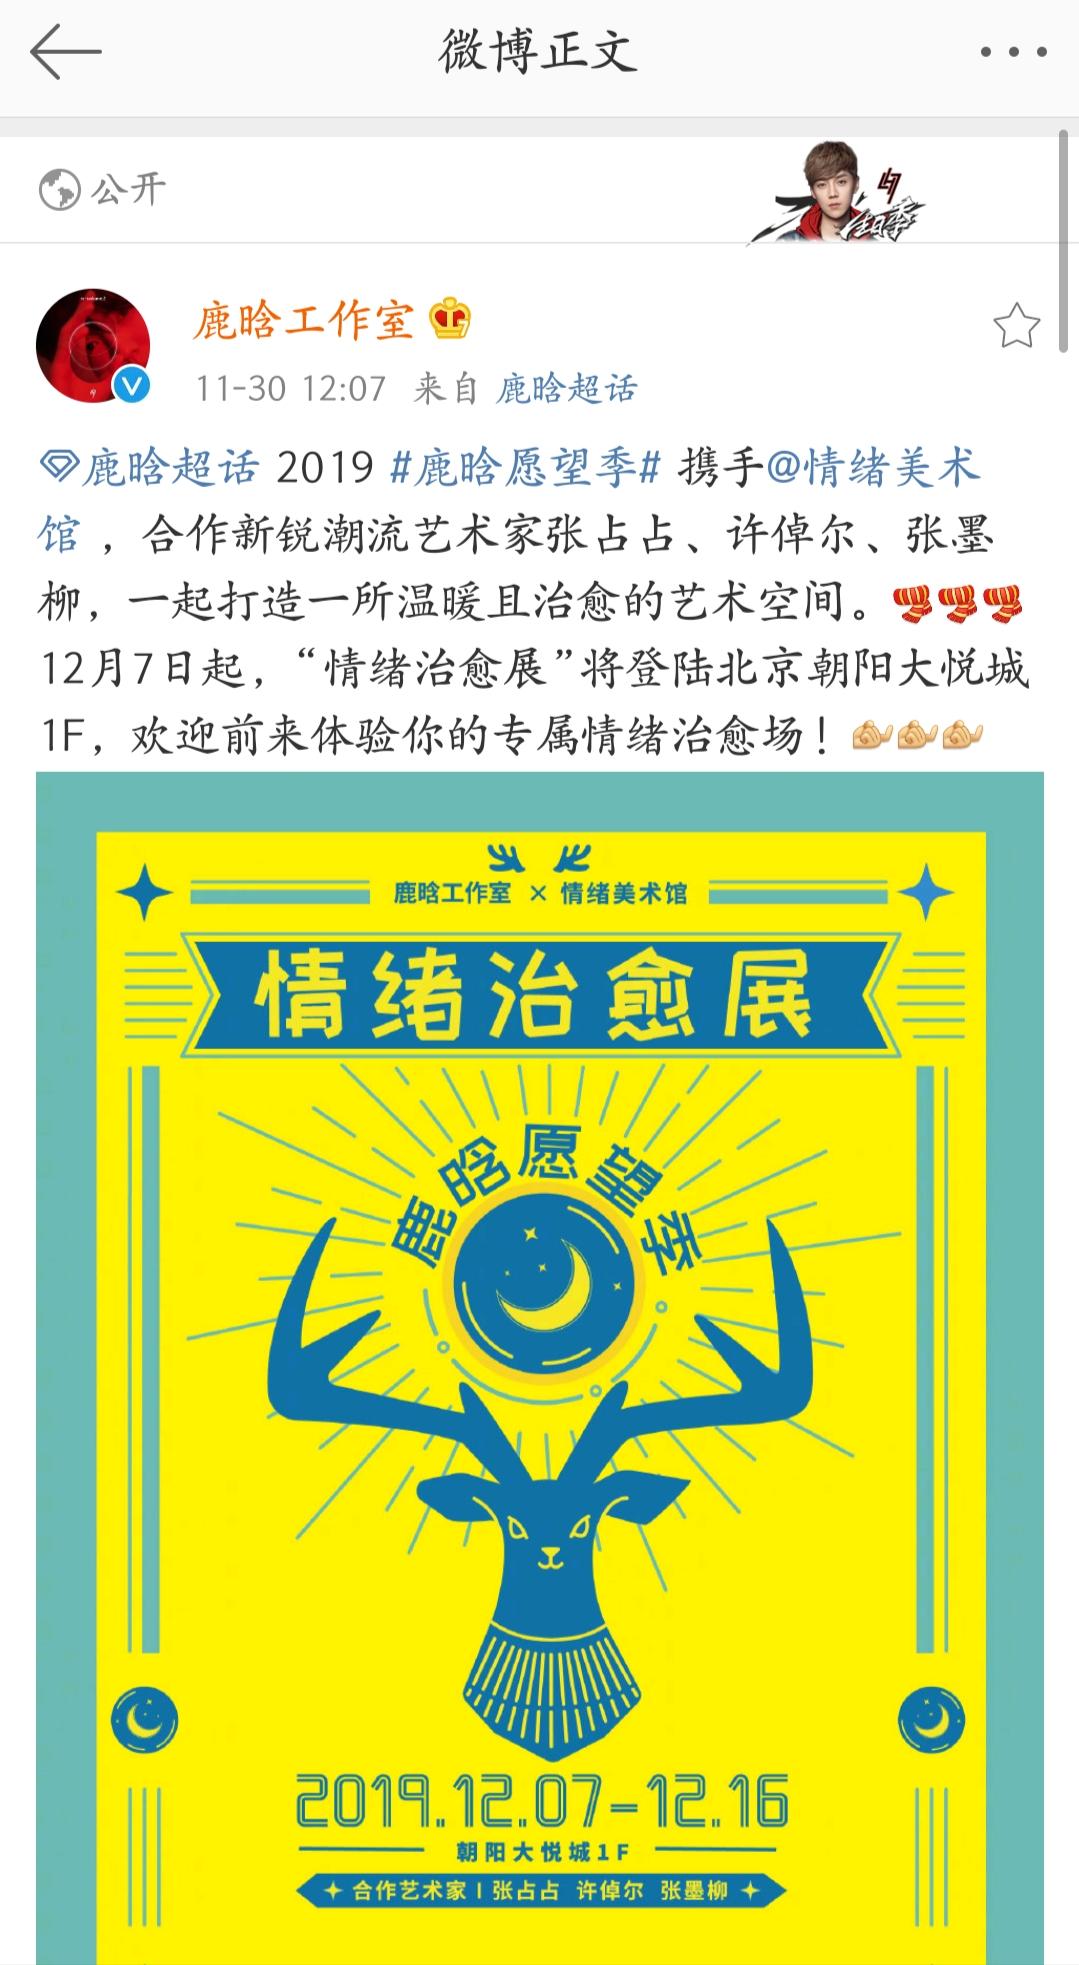 [鹿晗][新闻]191130 鹿晗愿望季携手情绪美术馆 情绪治愈展将登陆北京